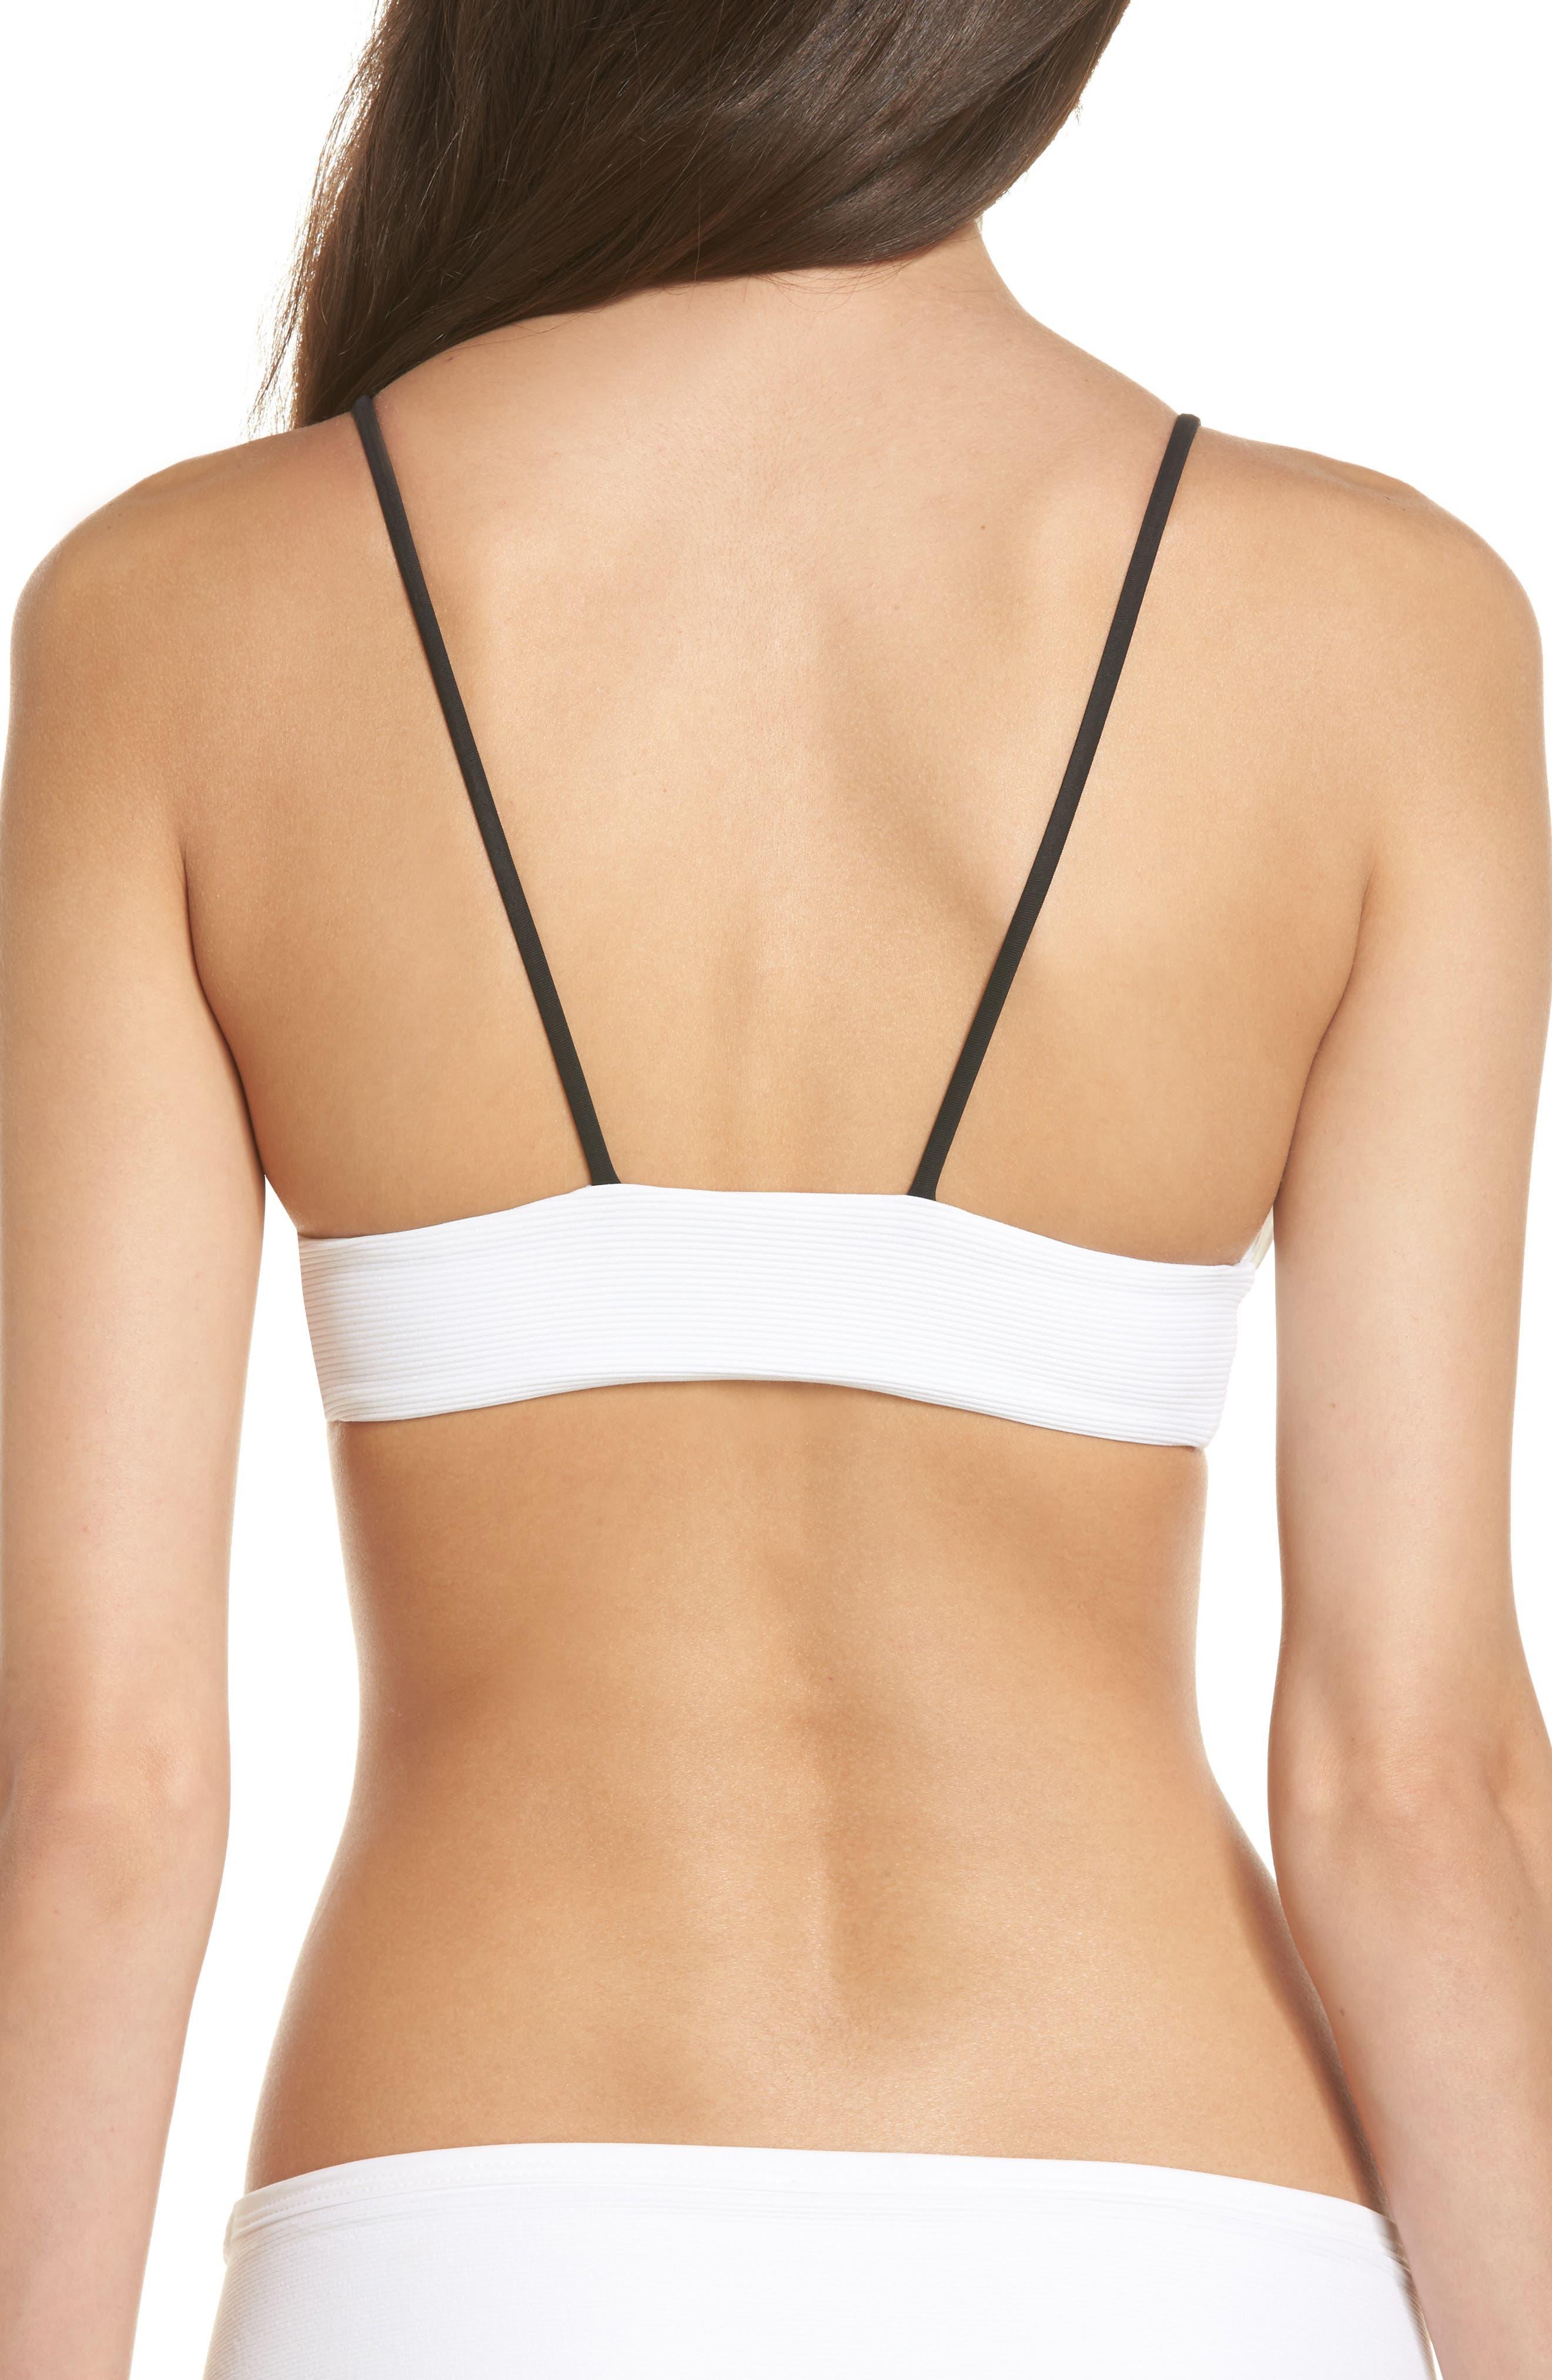 Alternate Image 2  - Boys + Arrows Dana the Delinquent Bikini Top